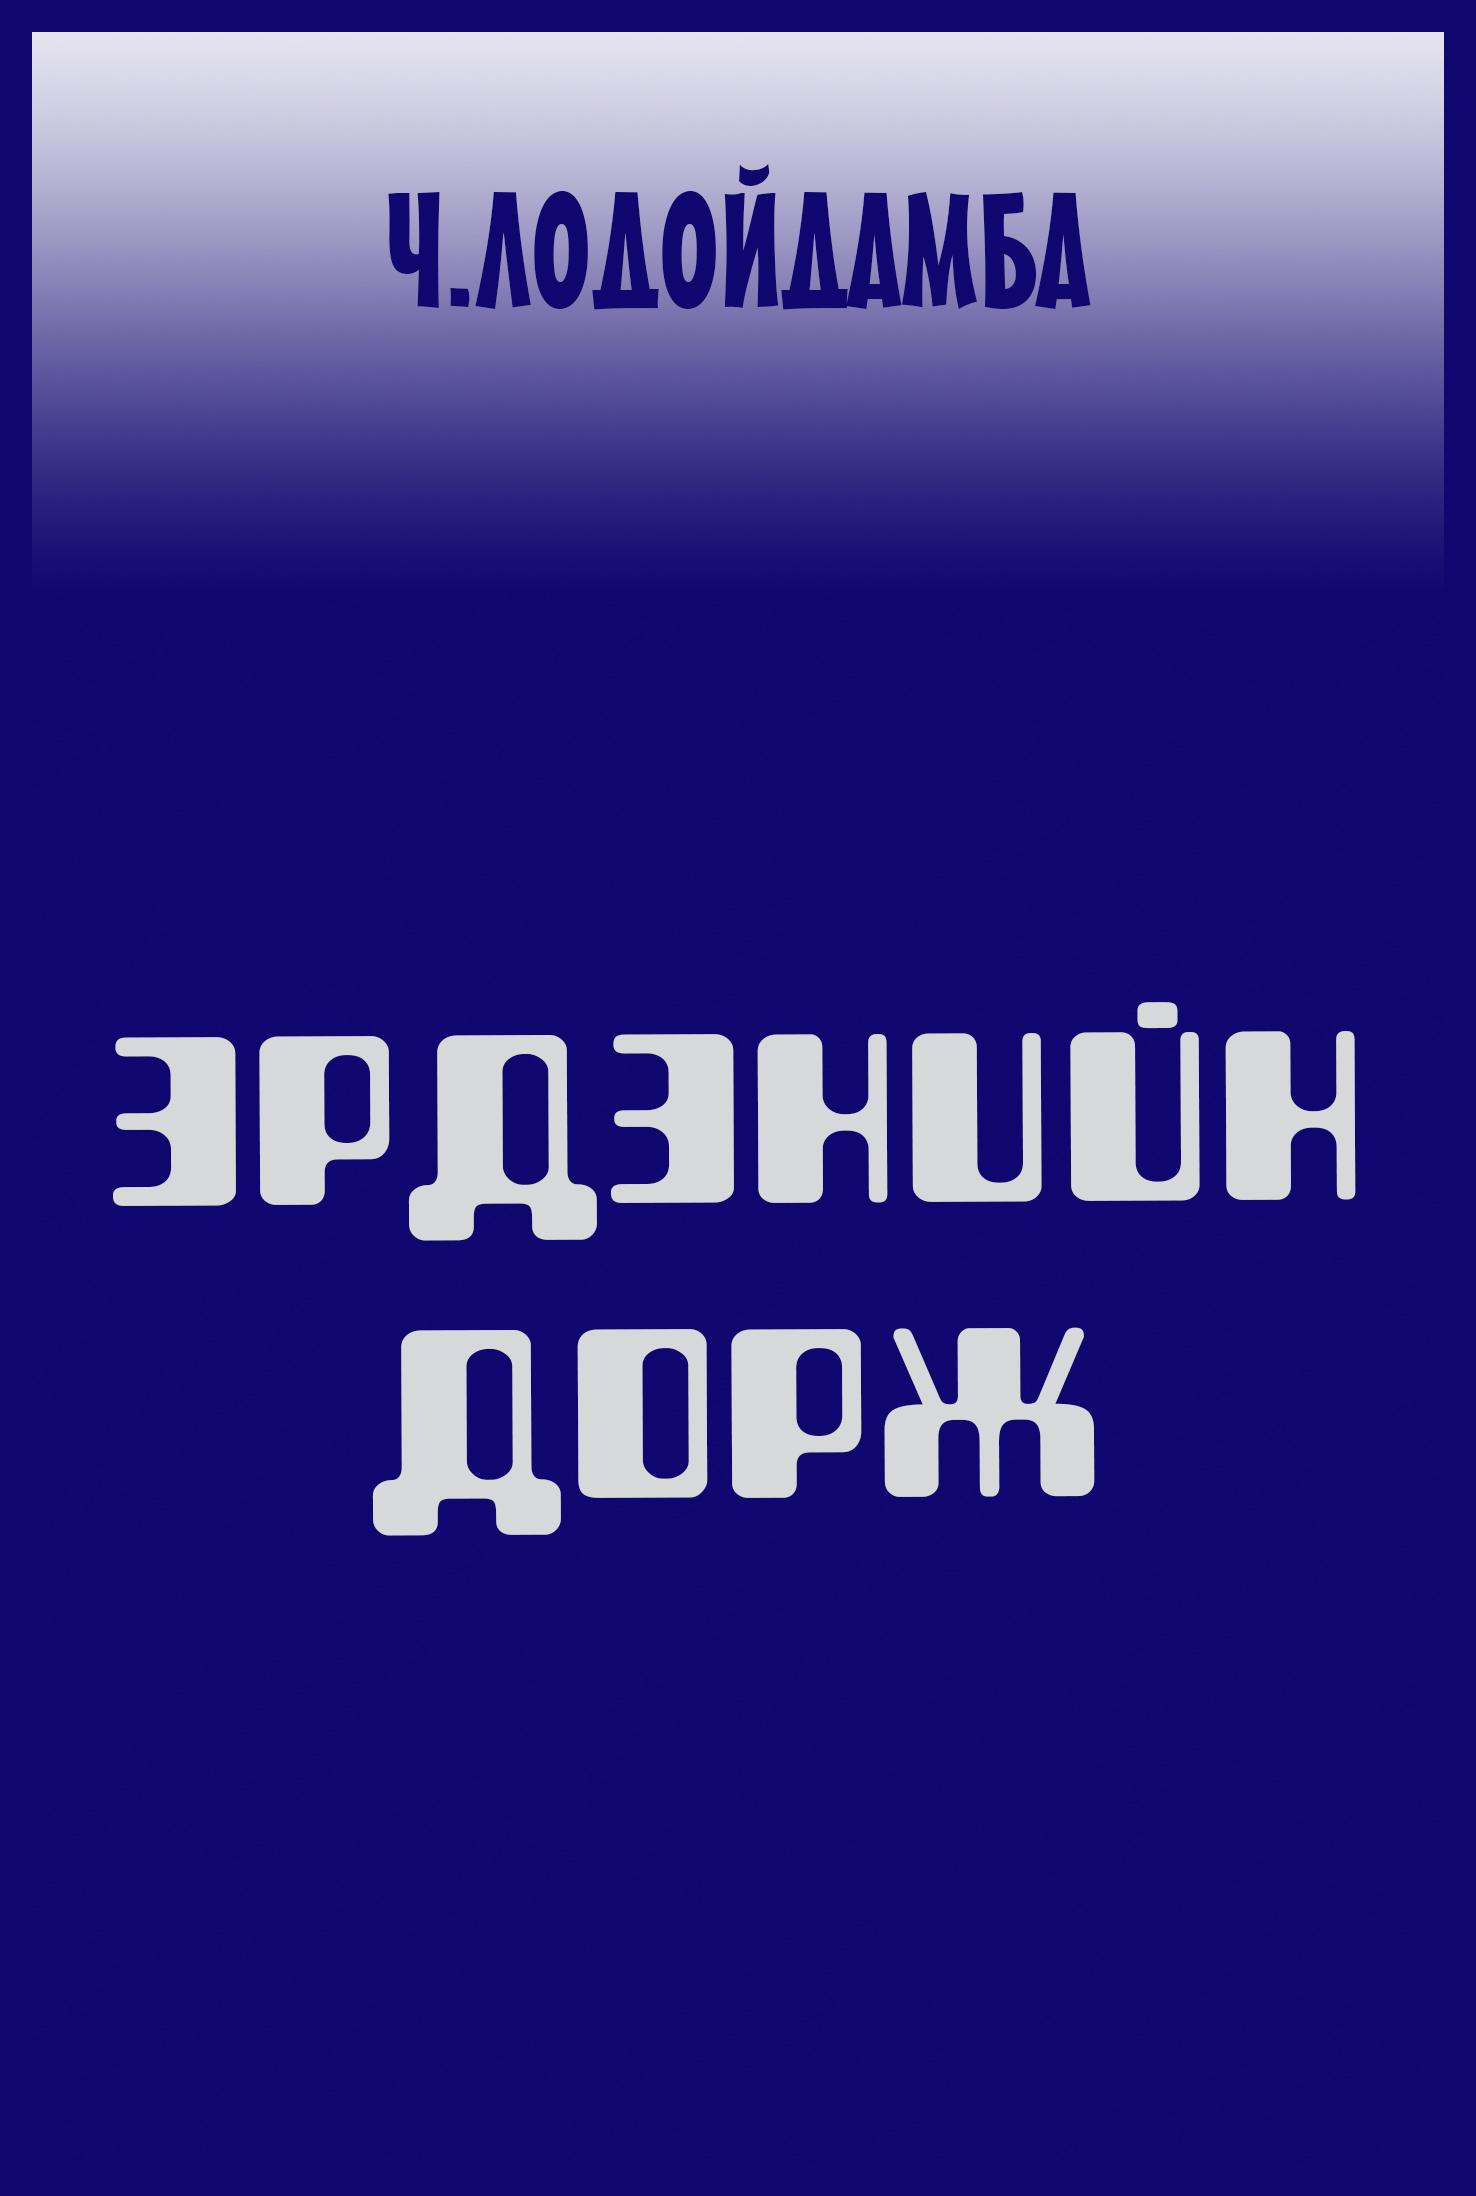 ЭРДЭНИЙН ДОРЖ